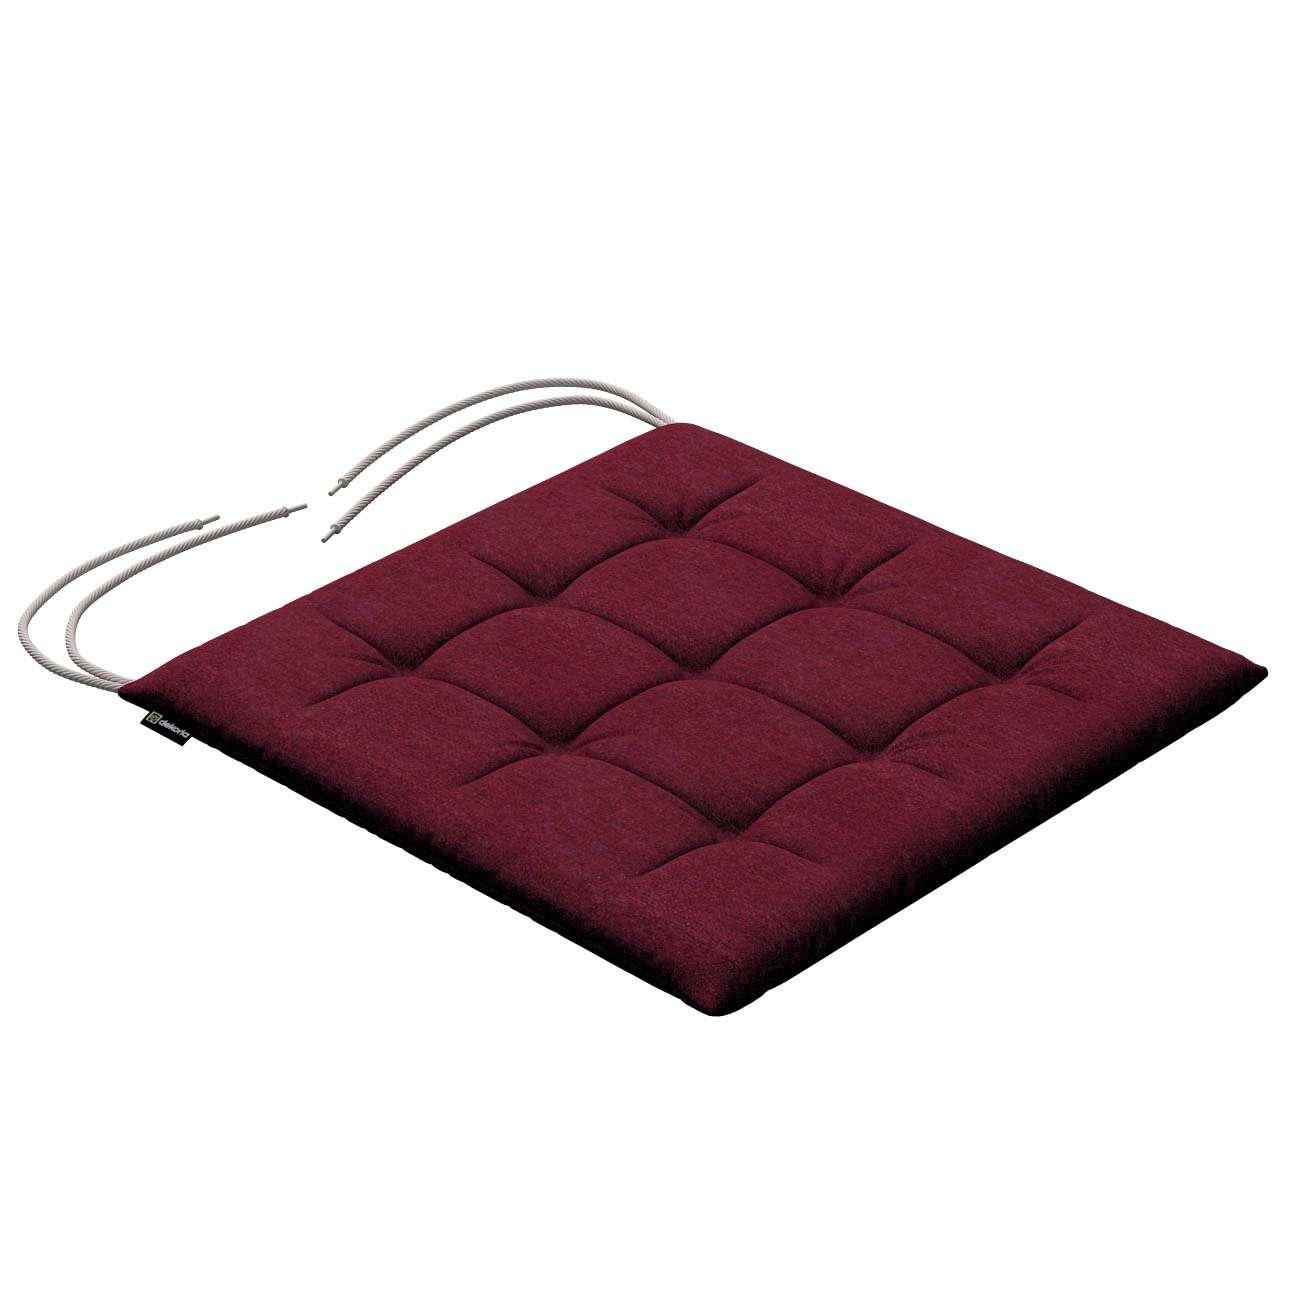 Kėdės pagalvėlė Karol  40 x 40 x 3,5 cm kolekcijoje Chenille, audinys: 702-19